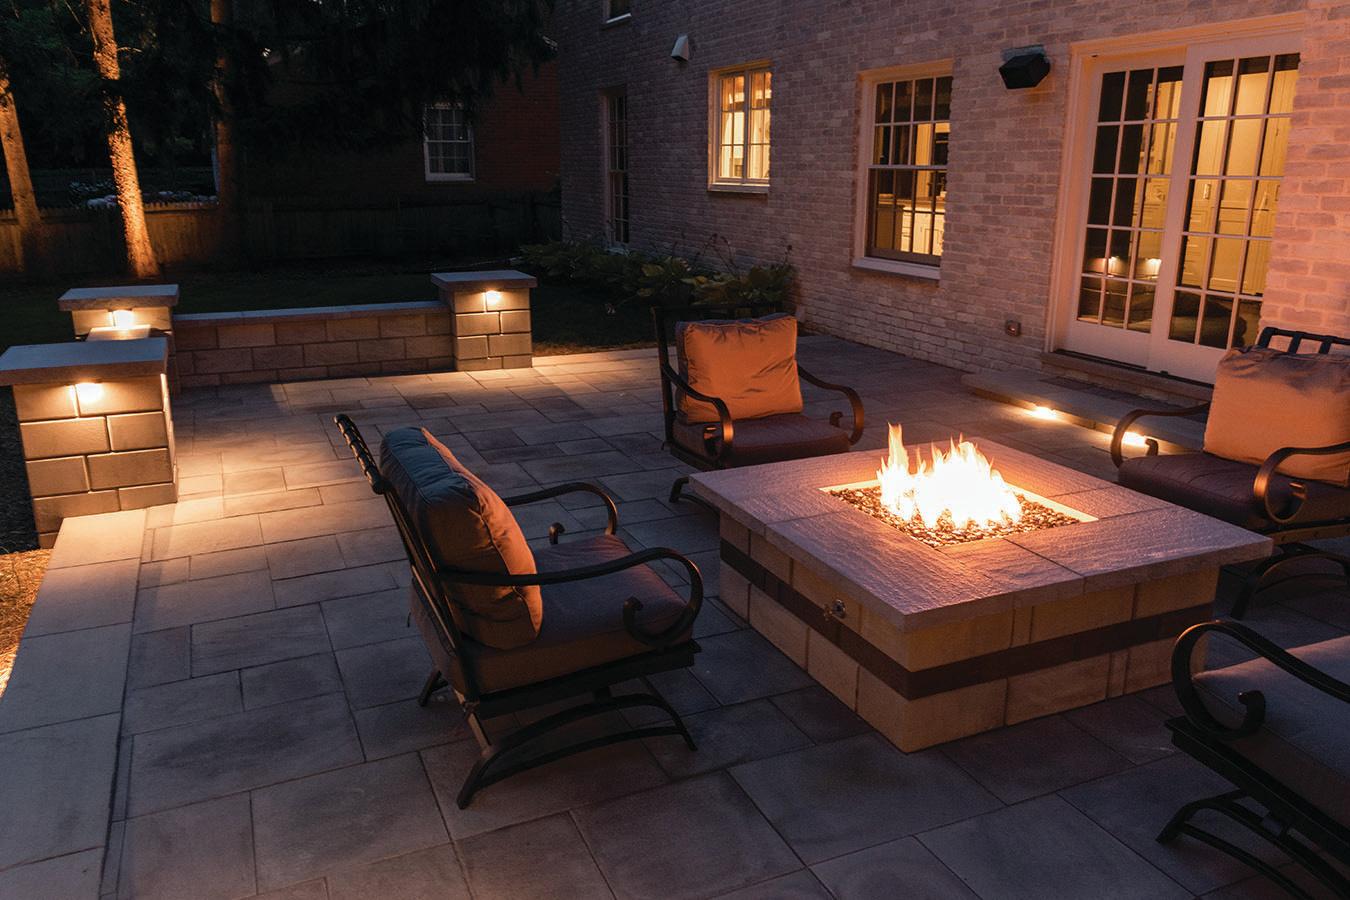 Cozy Backyard Patio Firepit